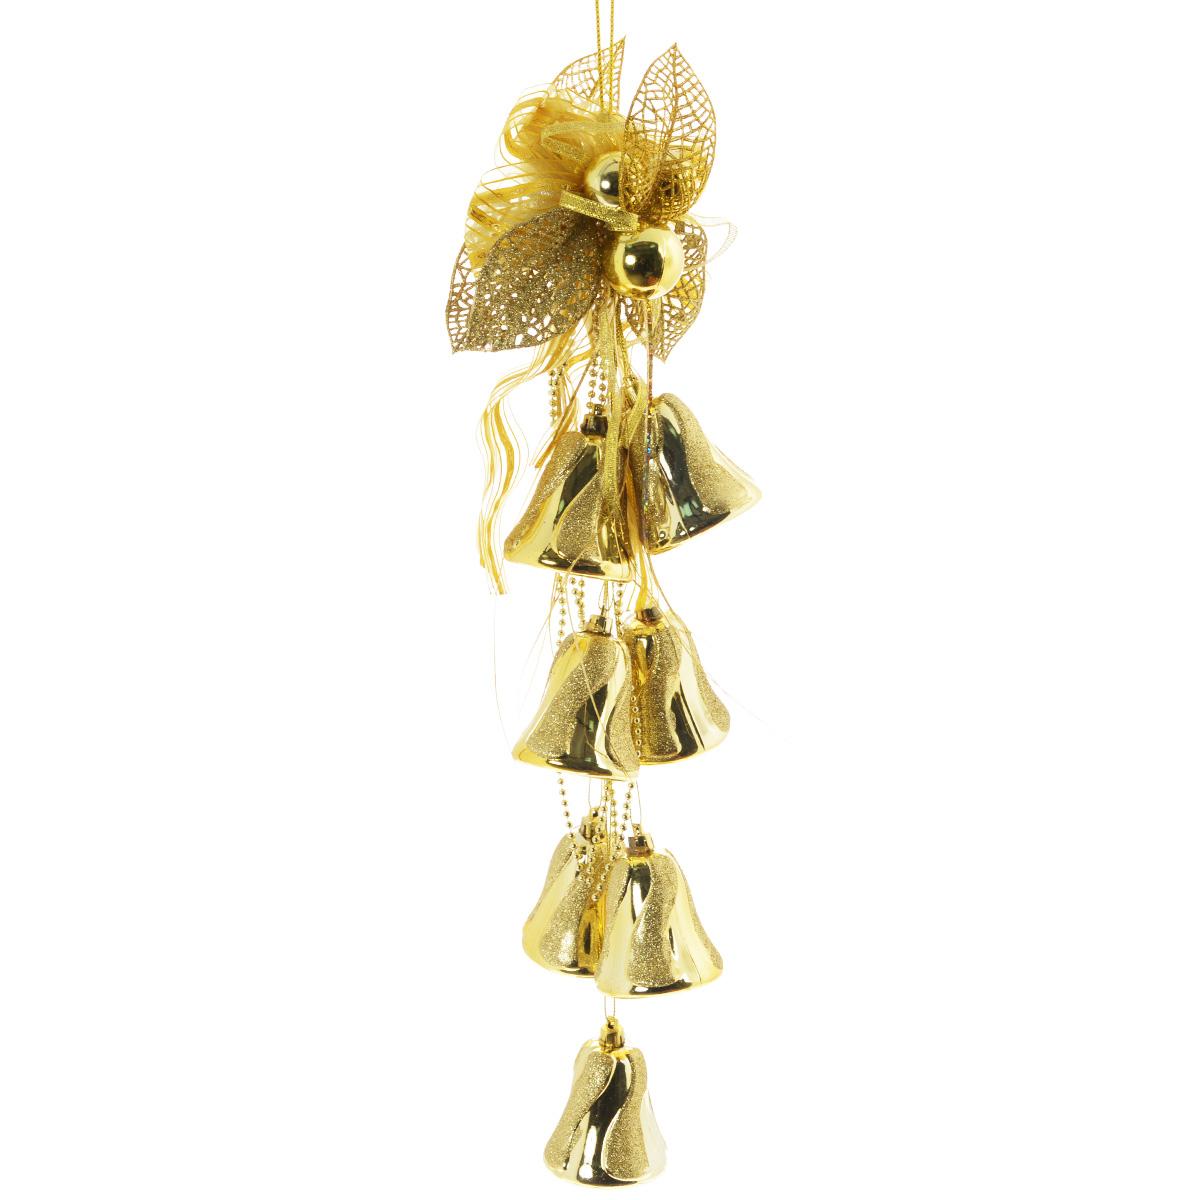 Новогоднее подвесное украшение Sima-land Колокольчики, цвет: золотистый, длина 50 см. 815817815817золотоНовогоднее украшение Sima-land Колокольчики отлично подойдет для декорации вашего дома и новогодней ели. Украшение выполнено в виде декоративной подвесной композиции из текстильного банта, пластиковых веток, бус, колокольчиков. Украшение оснащено текстильной петелькой для подвешивания. Елочная игрушка - символ Нового года. Она несет в себе волшебство и красоту праздника. Создайте в своем доме атмосферу веселья и радости, украшая всей семьей новогоднюю елку нарядными игрушками, которые будут из года в год накапливать теплоту воспоминаний.